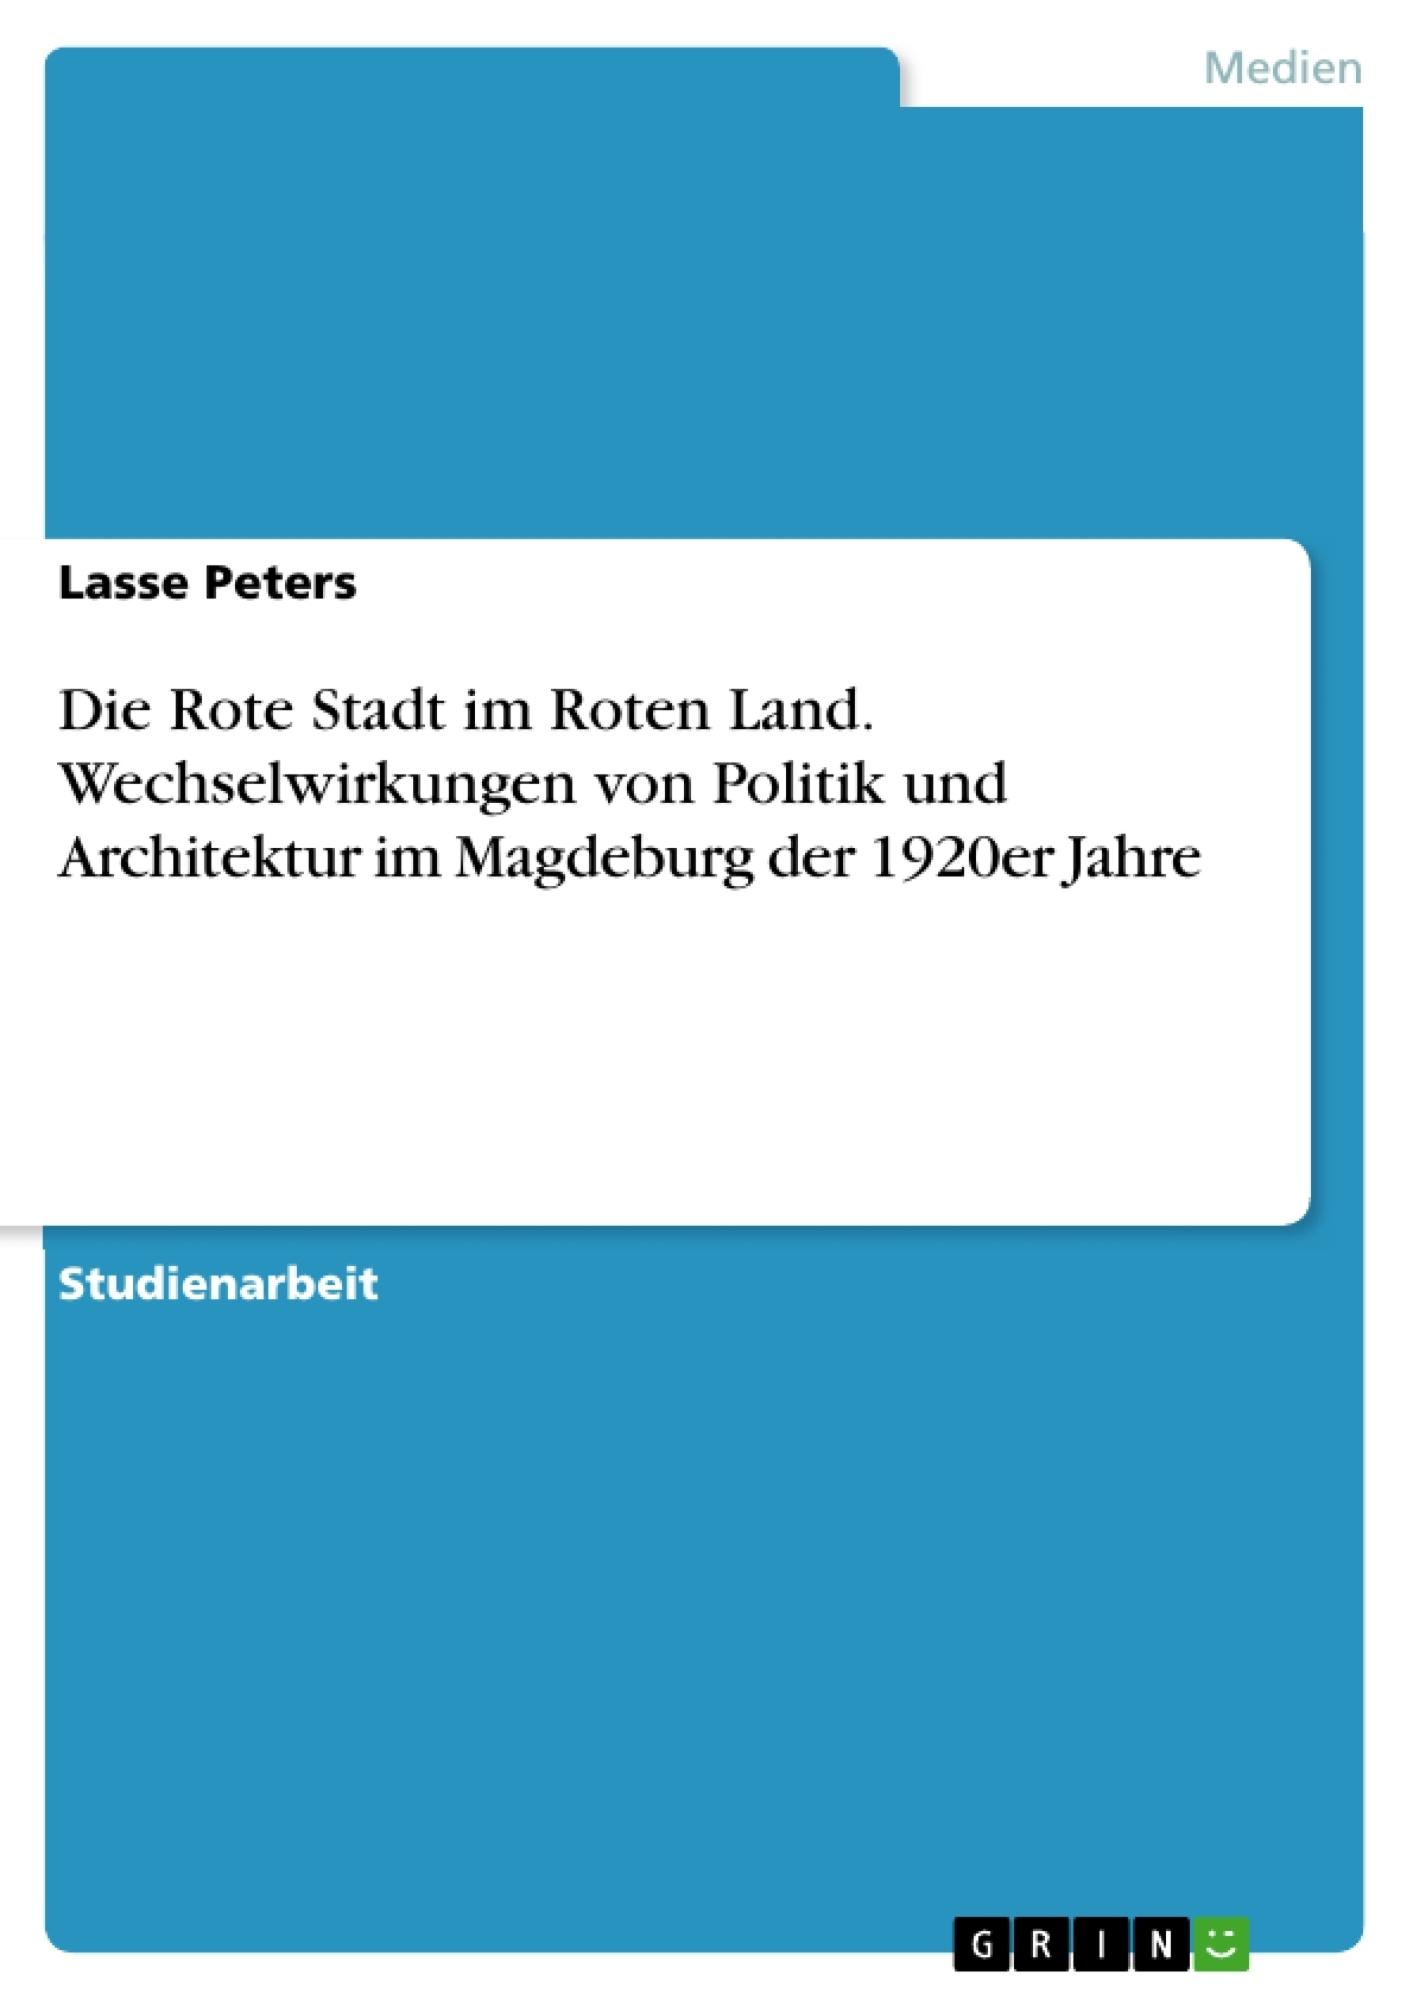 Titel: Die Rote Stadt im Roten Land. Wechselwirkungen von Politik und Architektur im Magdeburg der 1920er Jahre